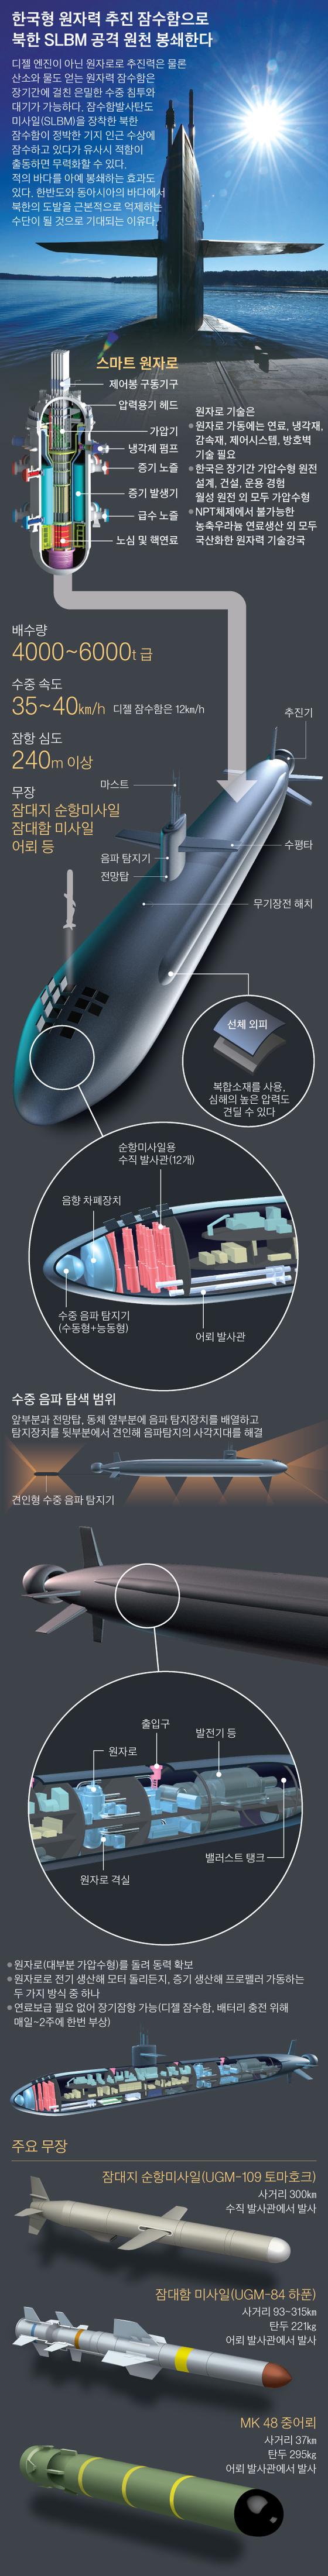 그래픽=박경민·심정보 기자 minn@joongang.co.kr